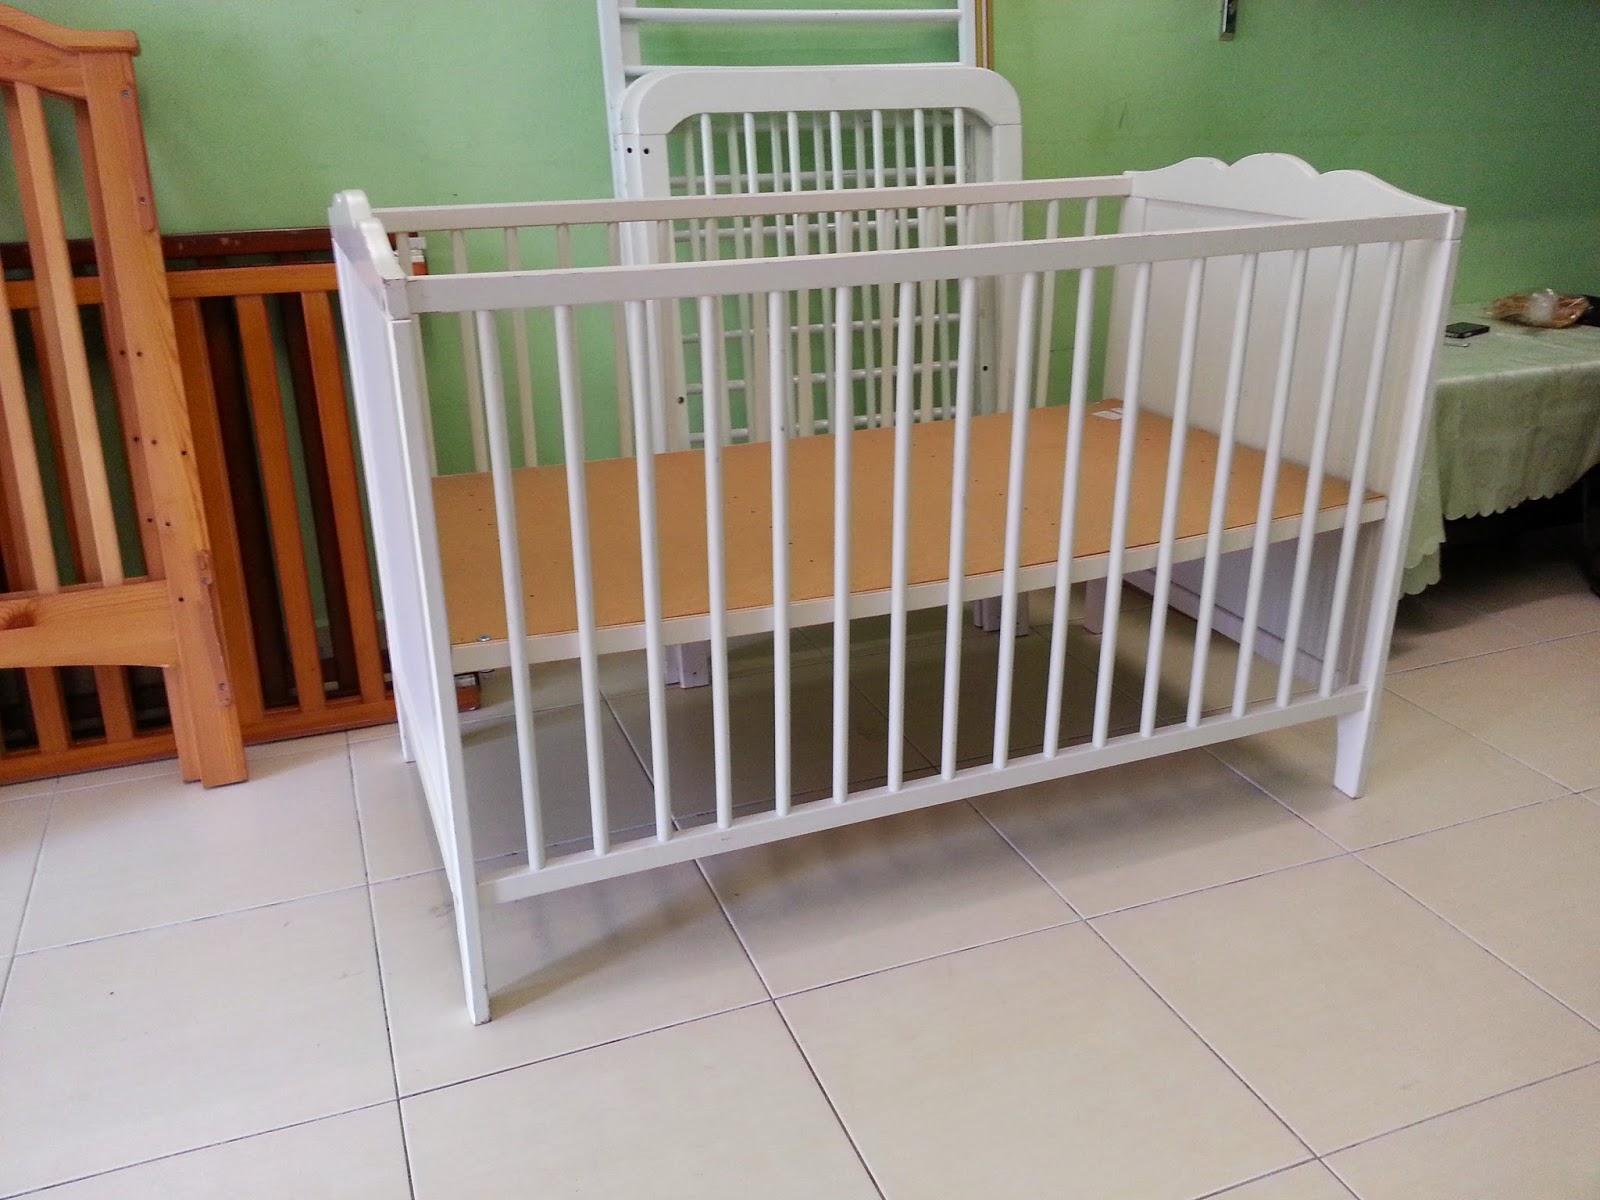 Sold To 012 239 Putrajaya